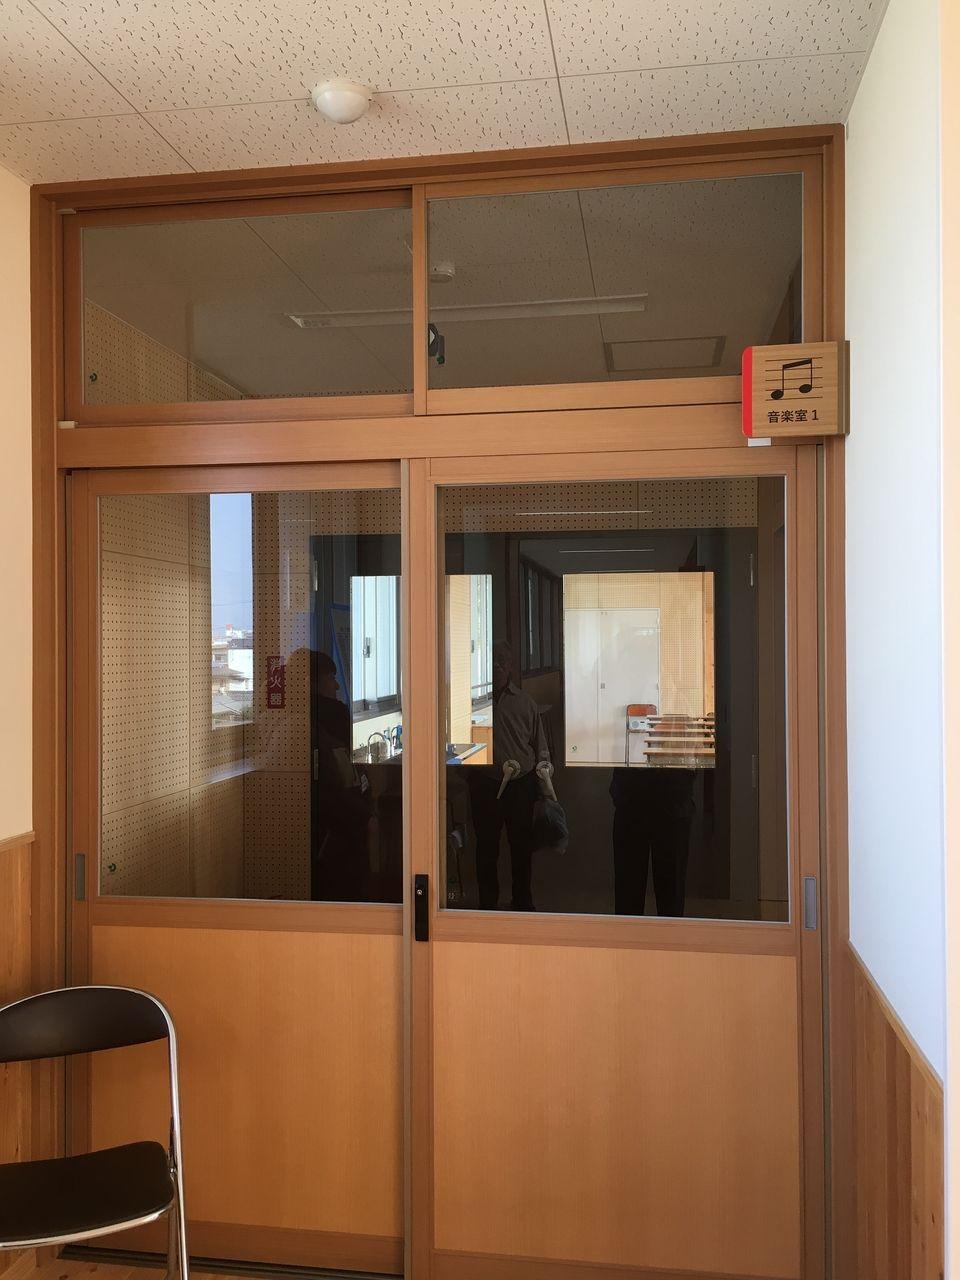 二重ドアになっている音楽室